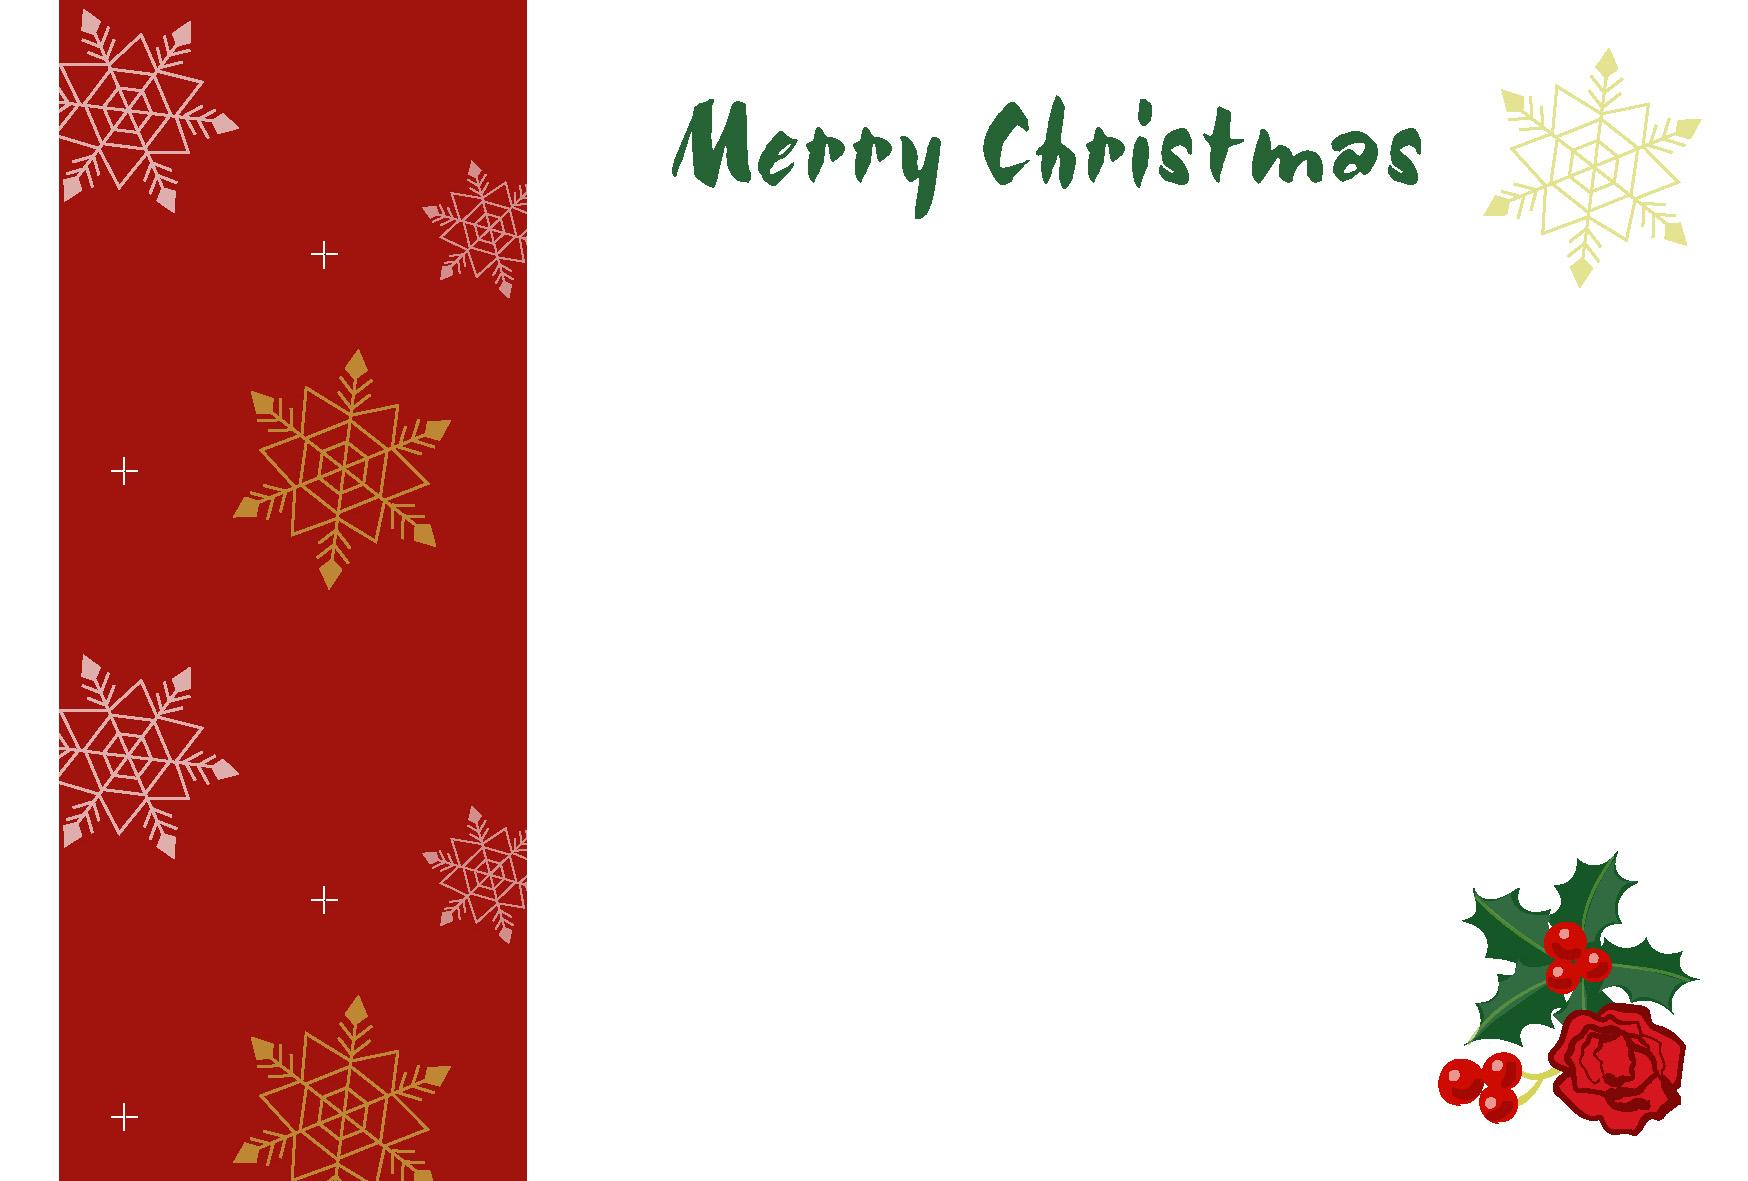 クリスマスのポストカードテンプレート「和風クリスマス」ダウンロード